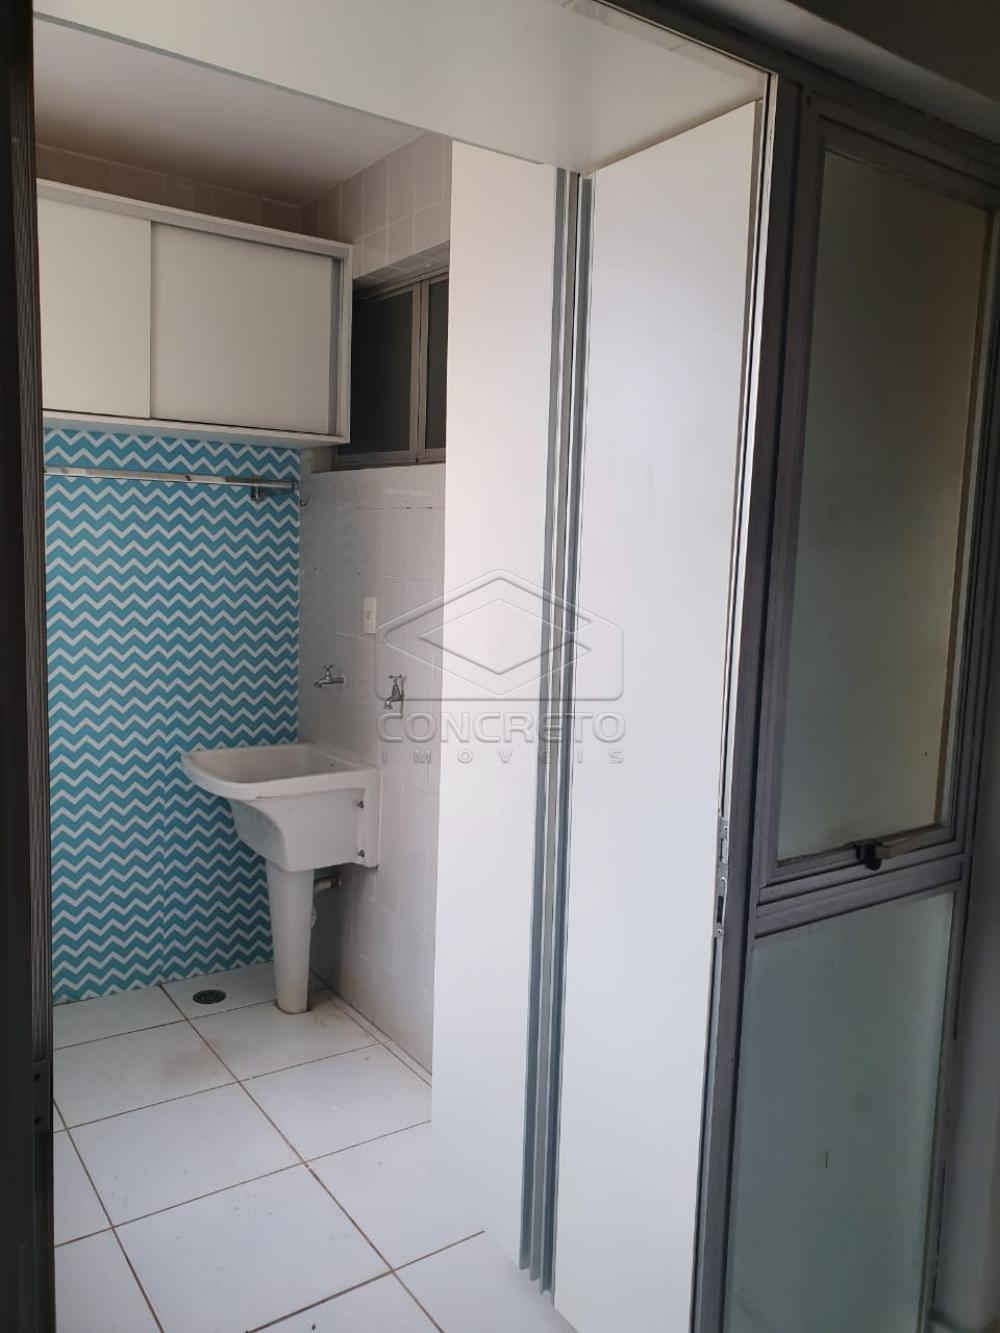 Comprar Apartamento / Padrão em Bauru apenas R$ 400.000,00 - Foto 18